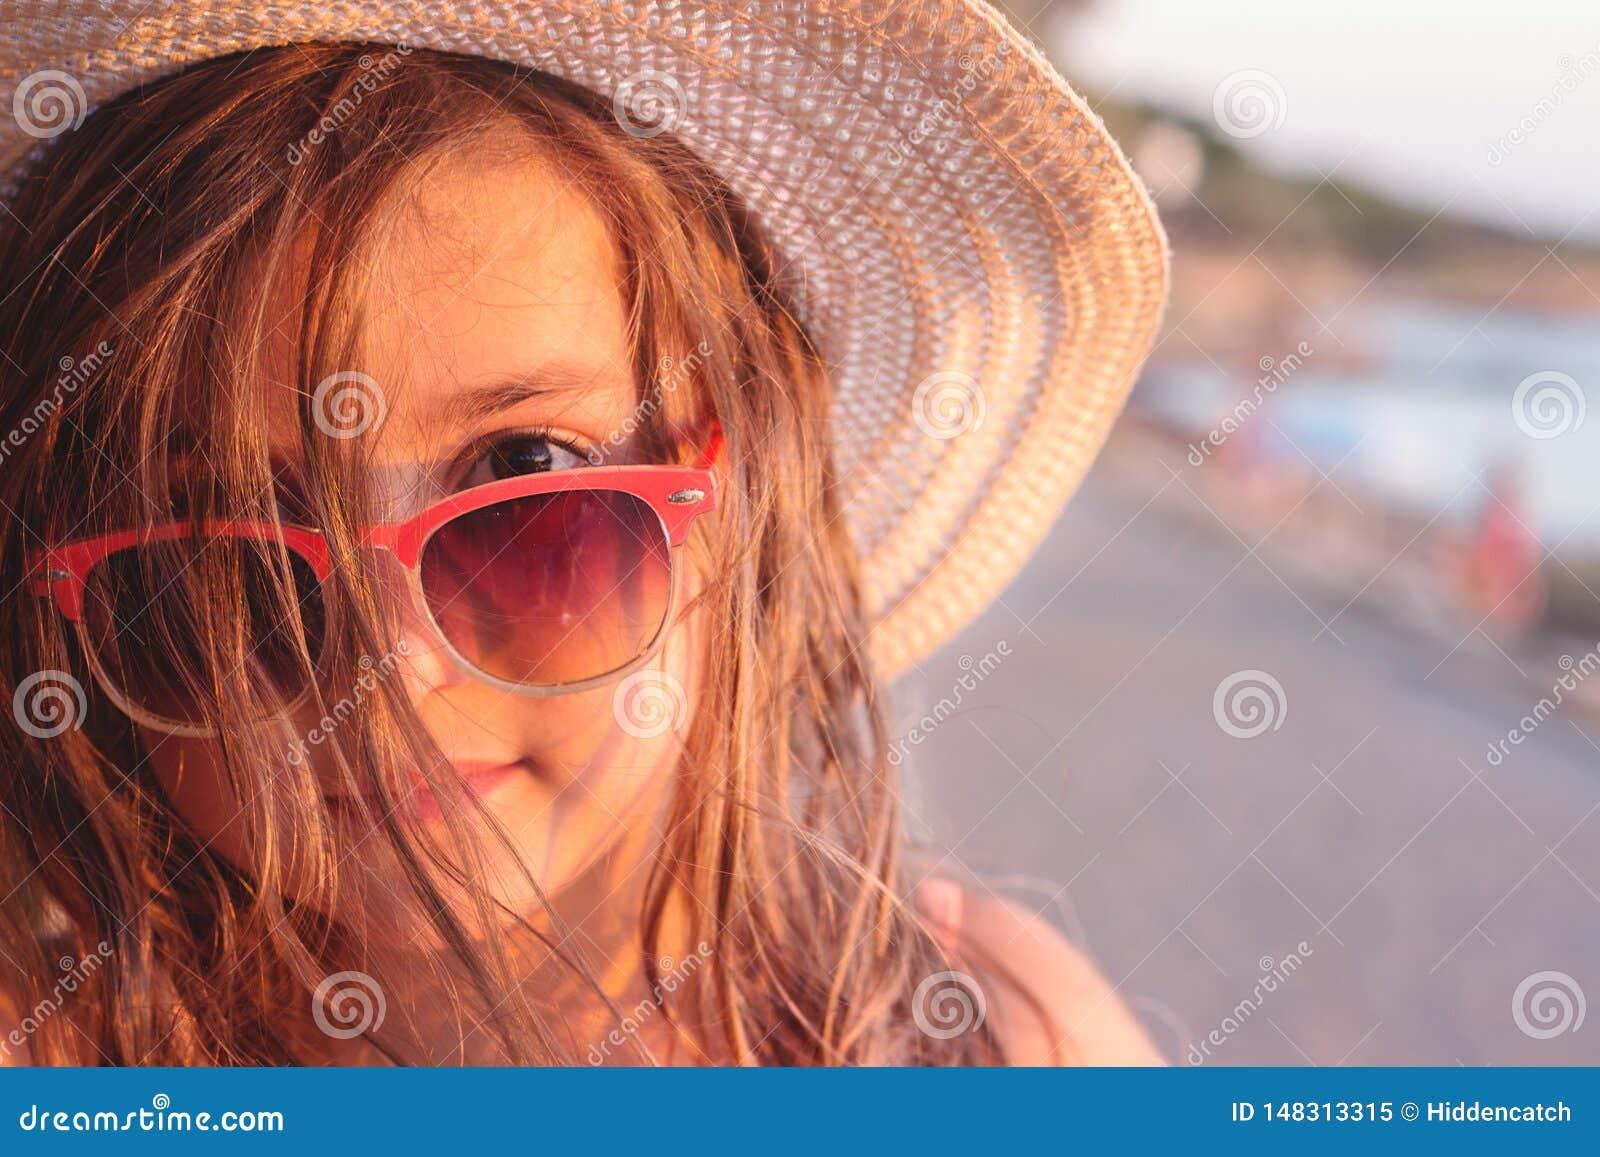 Portr?t eines sch?nen kleinen M?dchens mit Sonnenbrille und Strohhut auf dem Strand